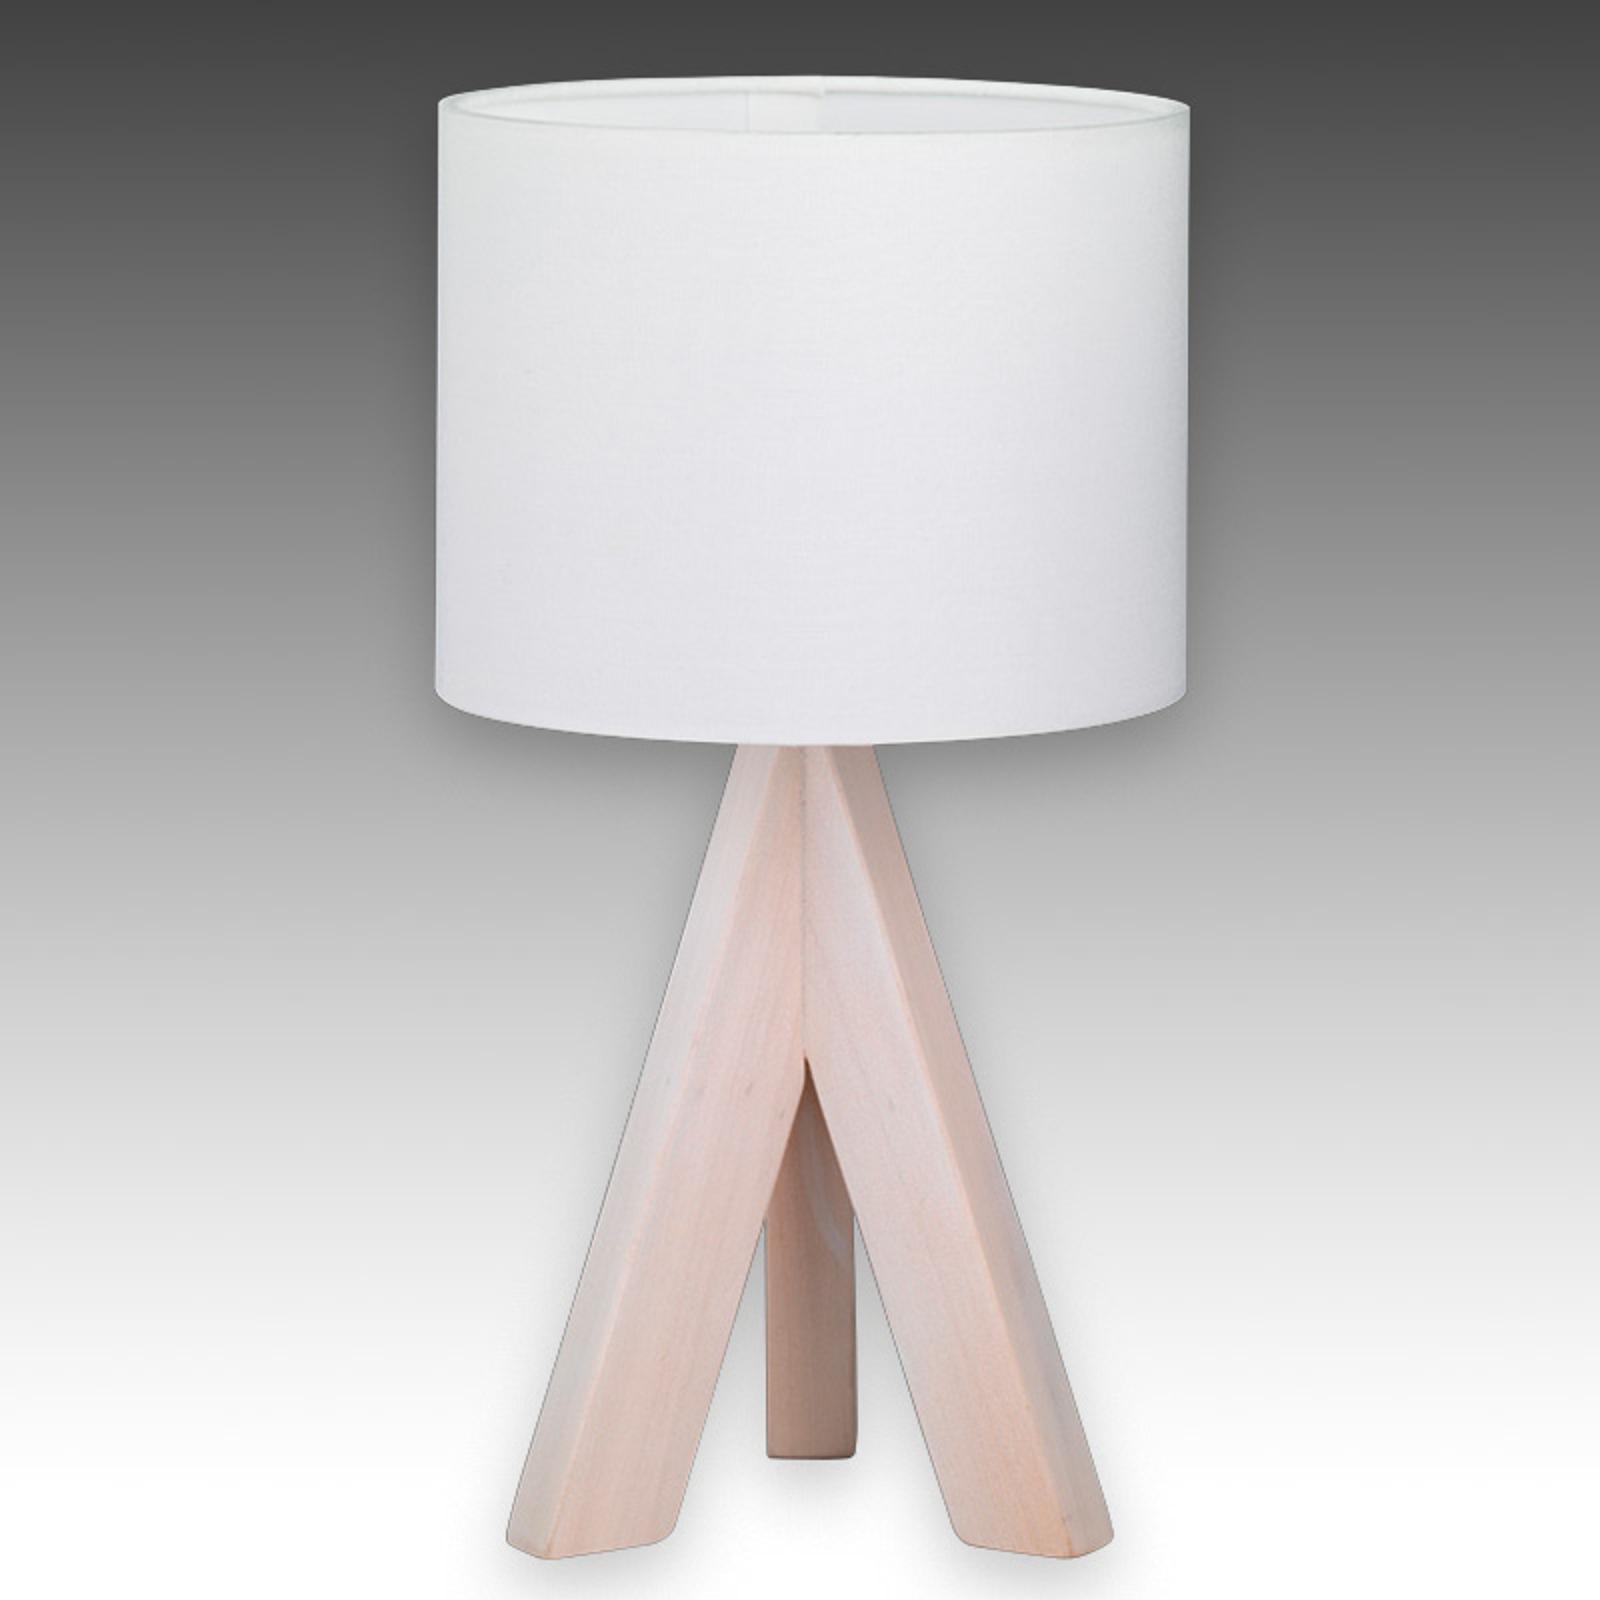 Driepotige tafellamp Ging